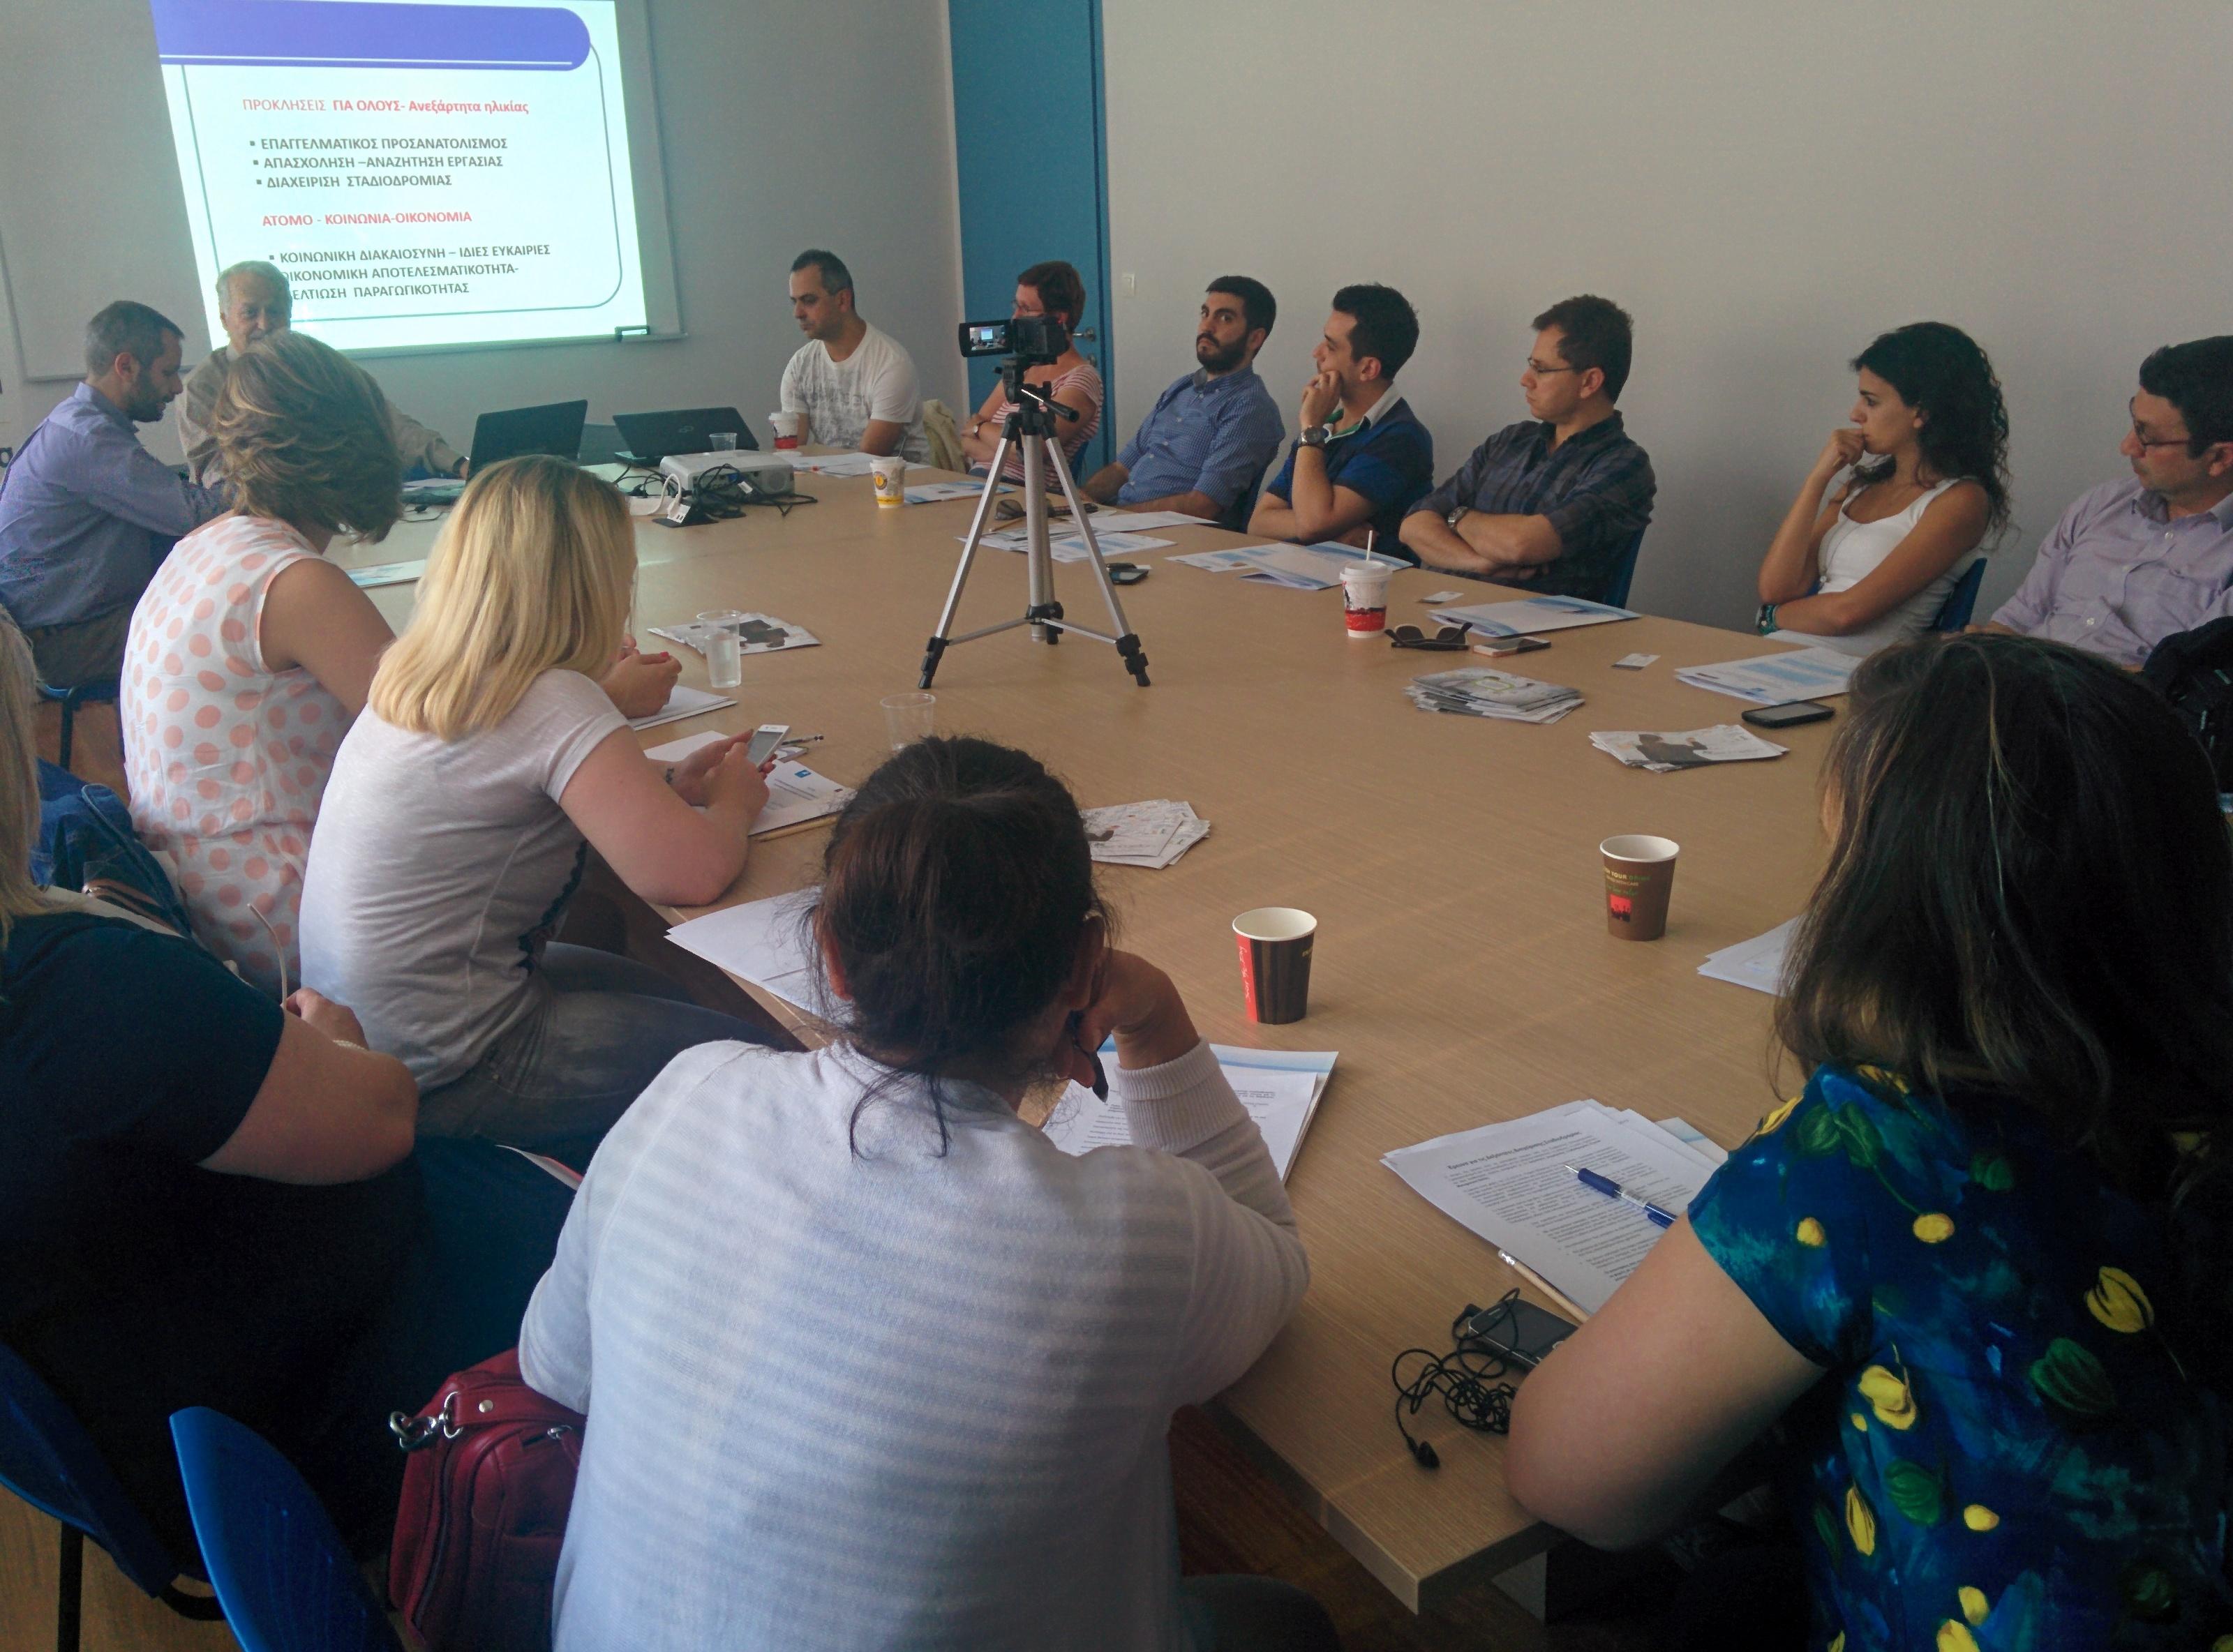 Έρευνα & συζήτηση σχετικά με τις Δεξιότητες Διαχείρισης Σταδιοδρομίας